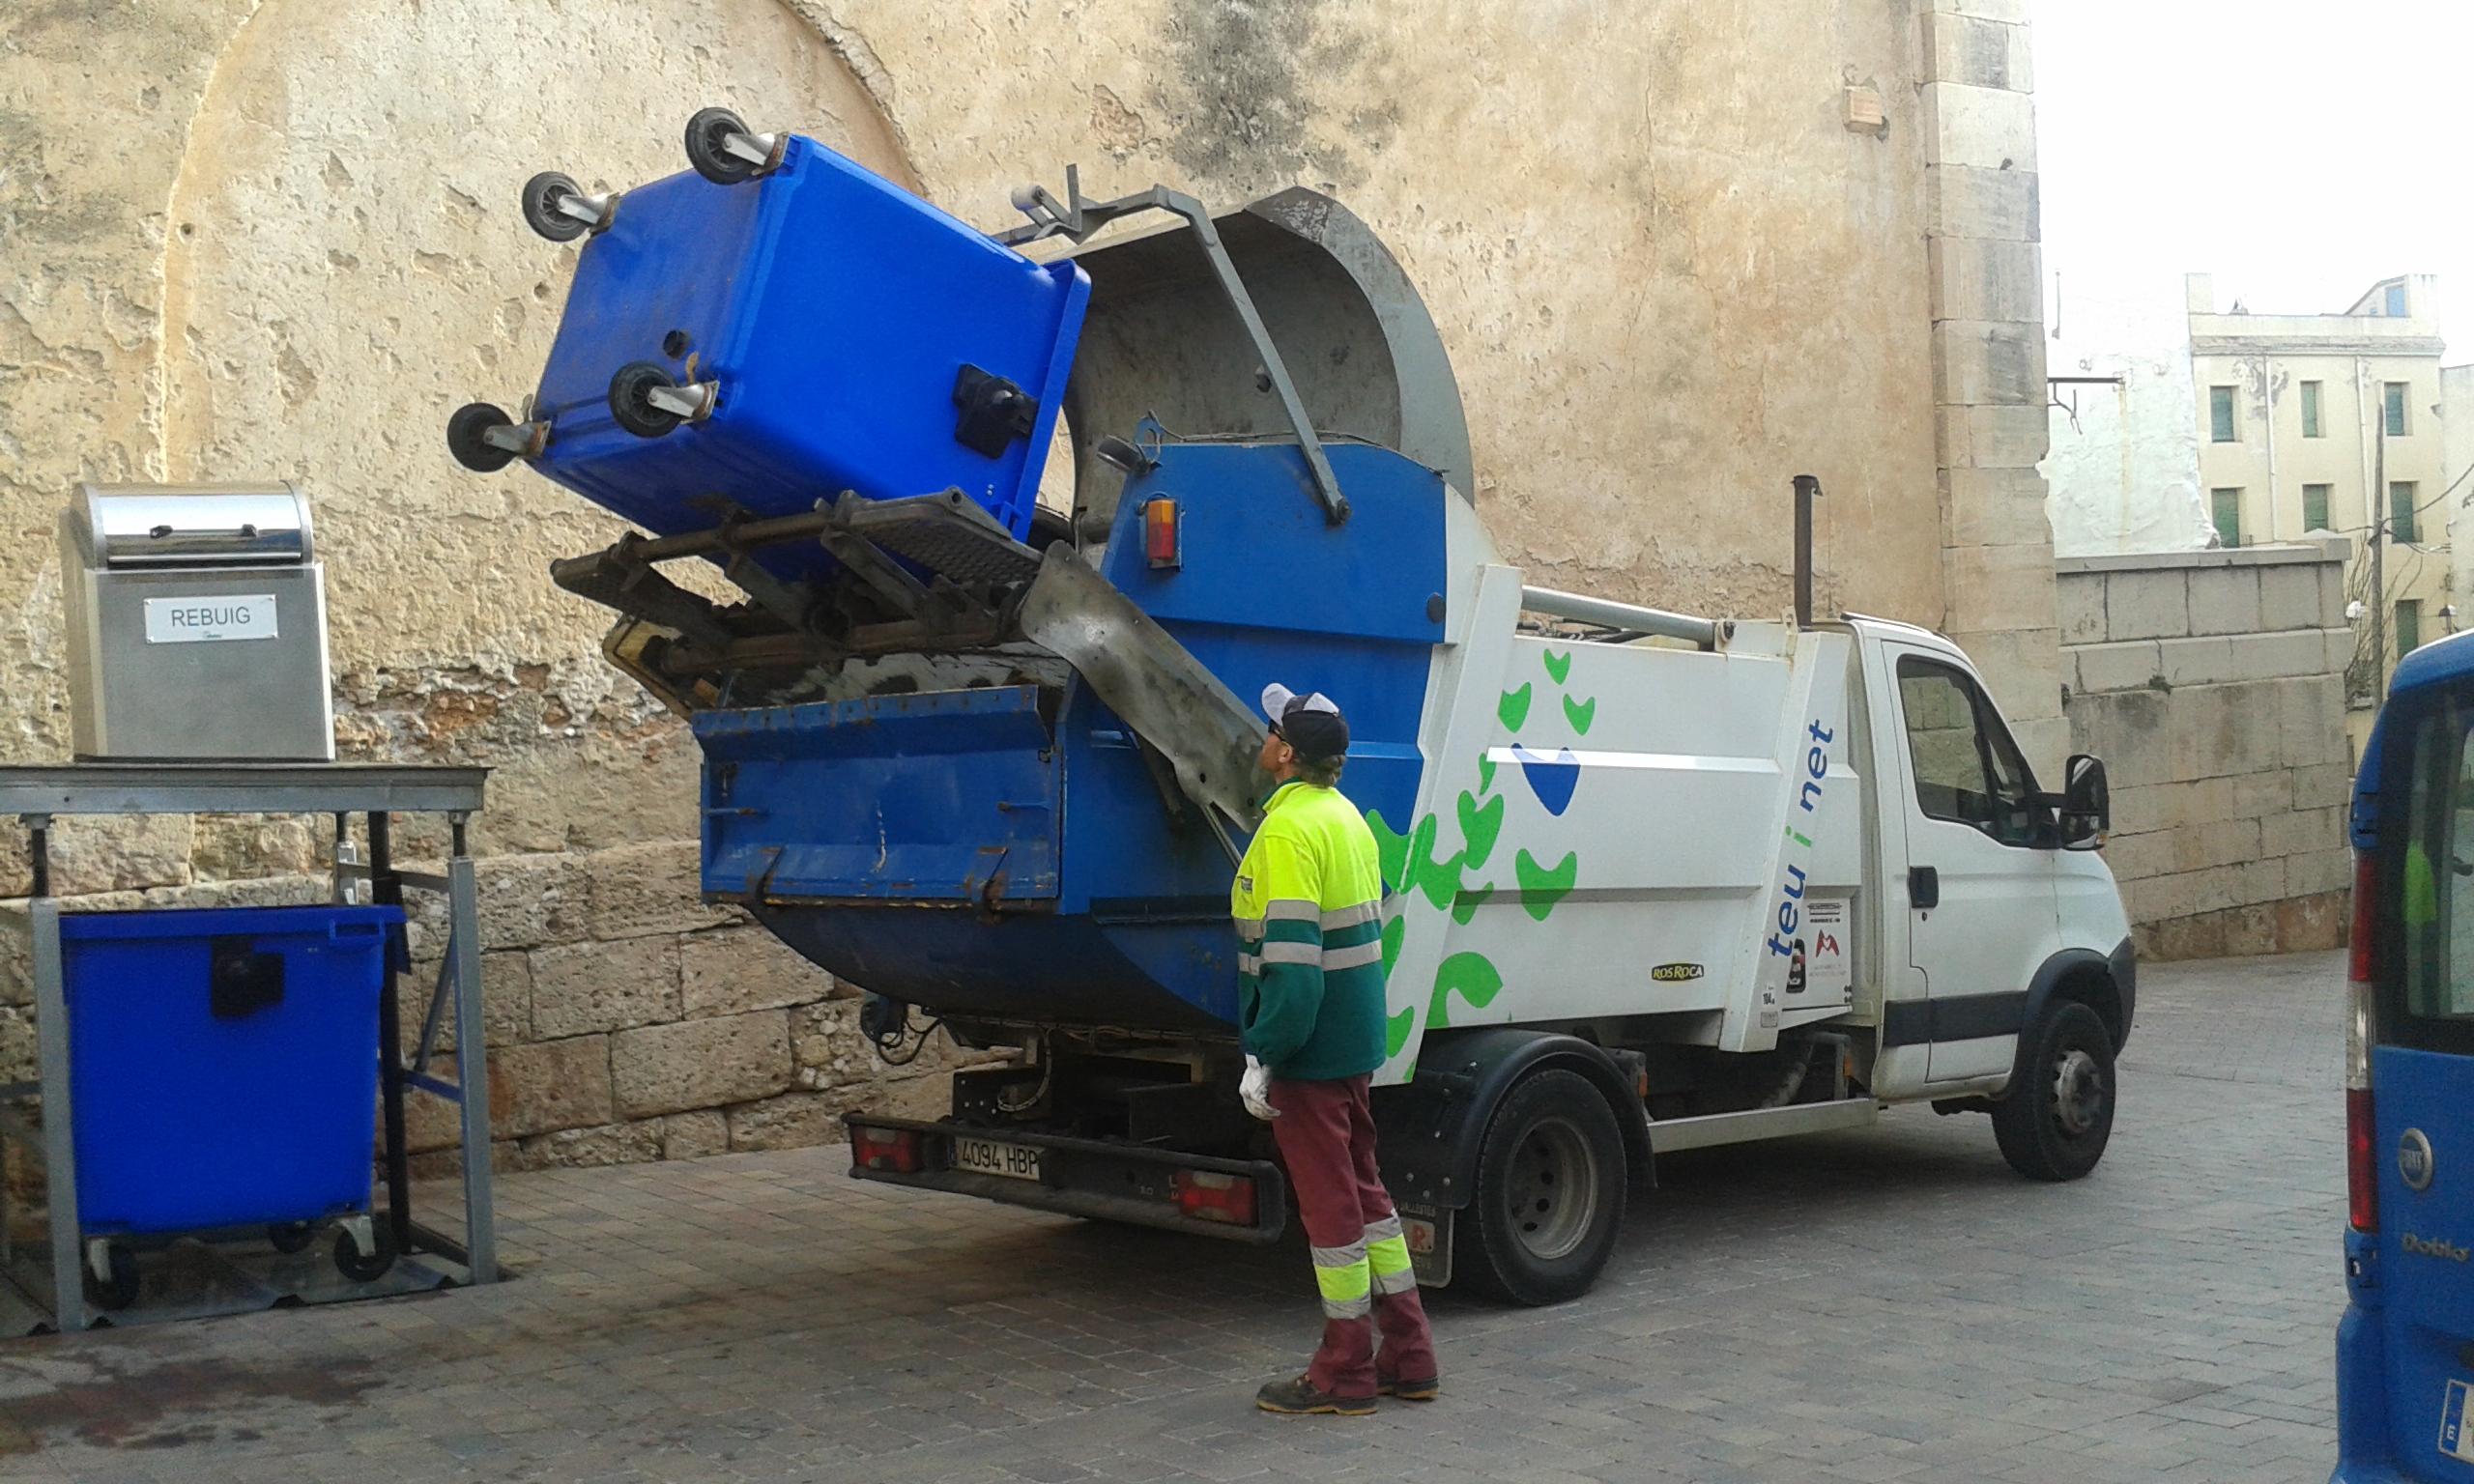 Servicio de recogida de residuos